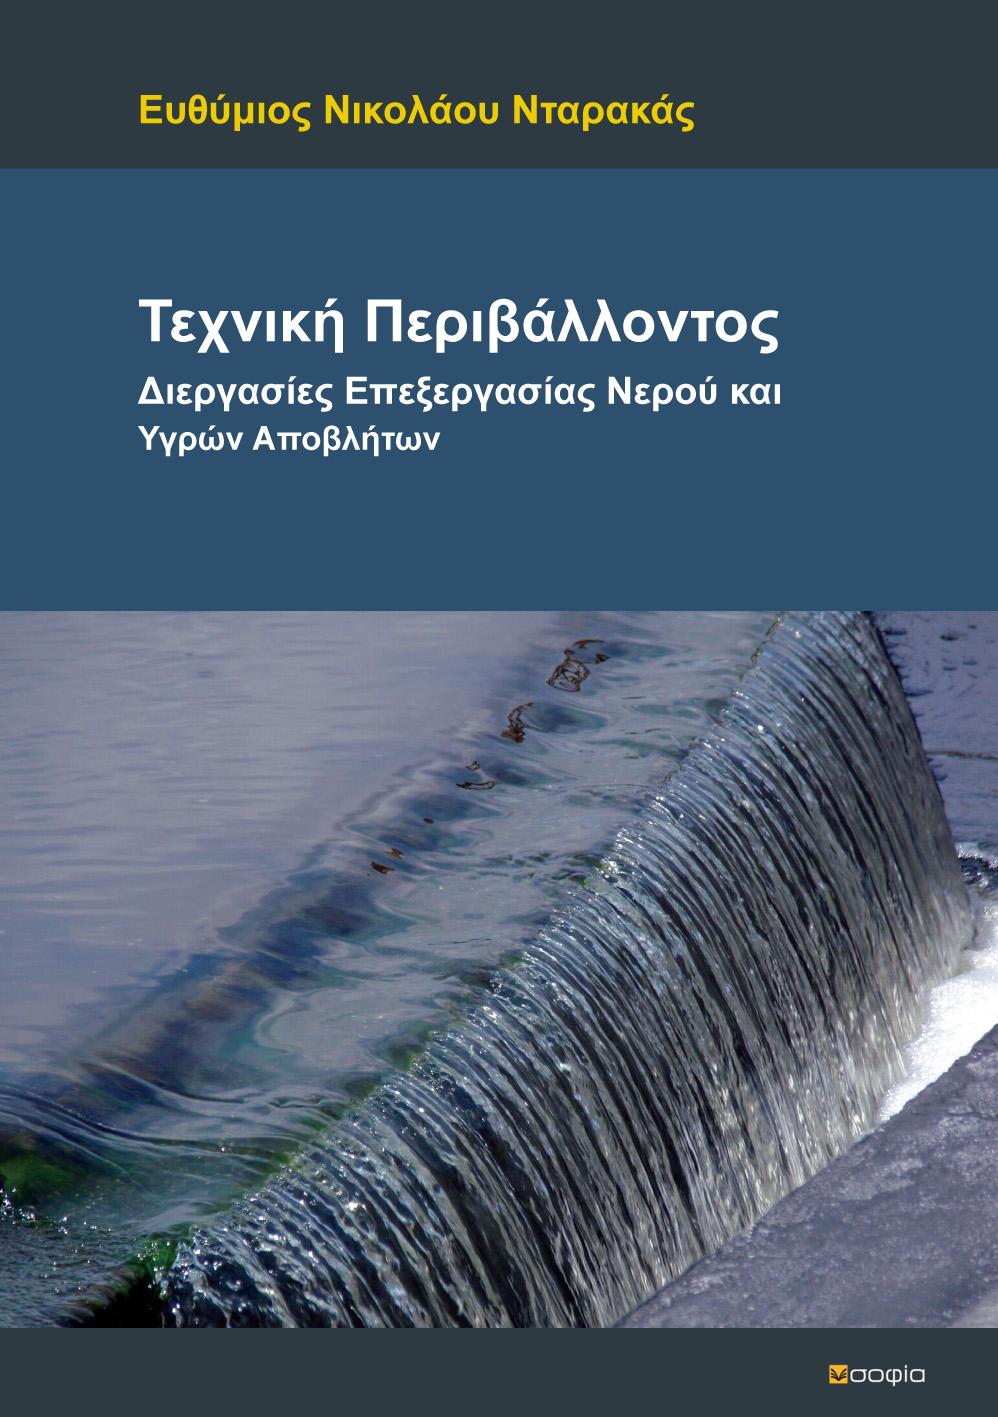 Book_Env_Eng